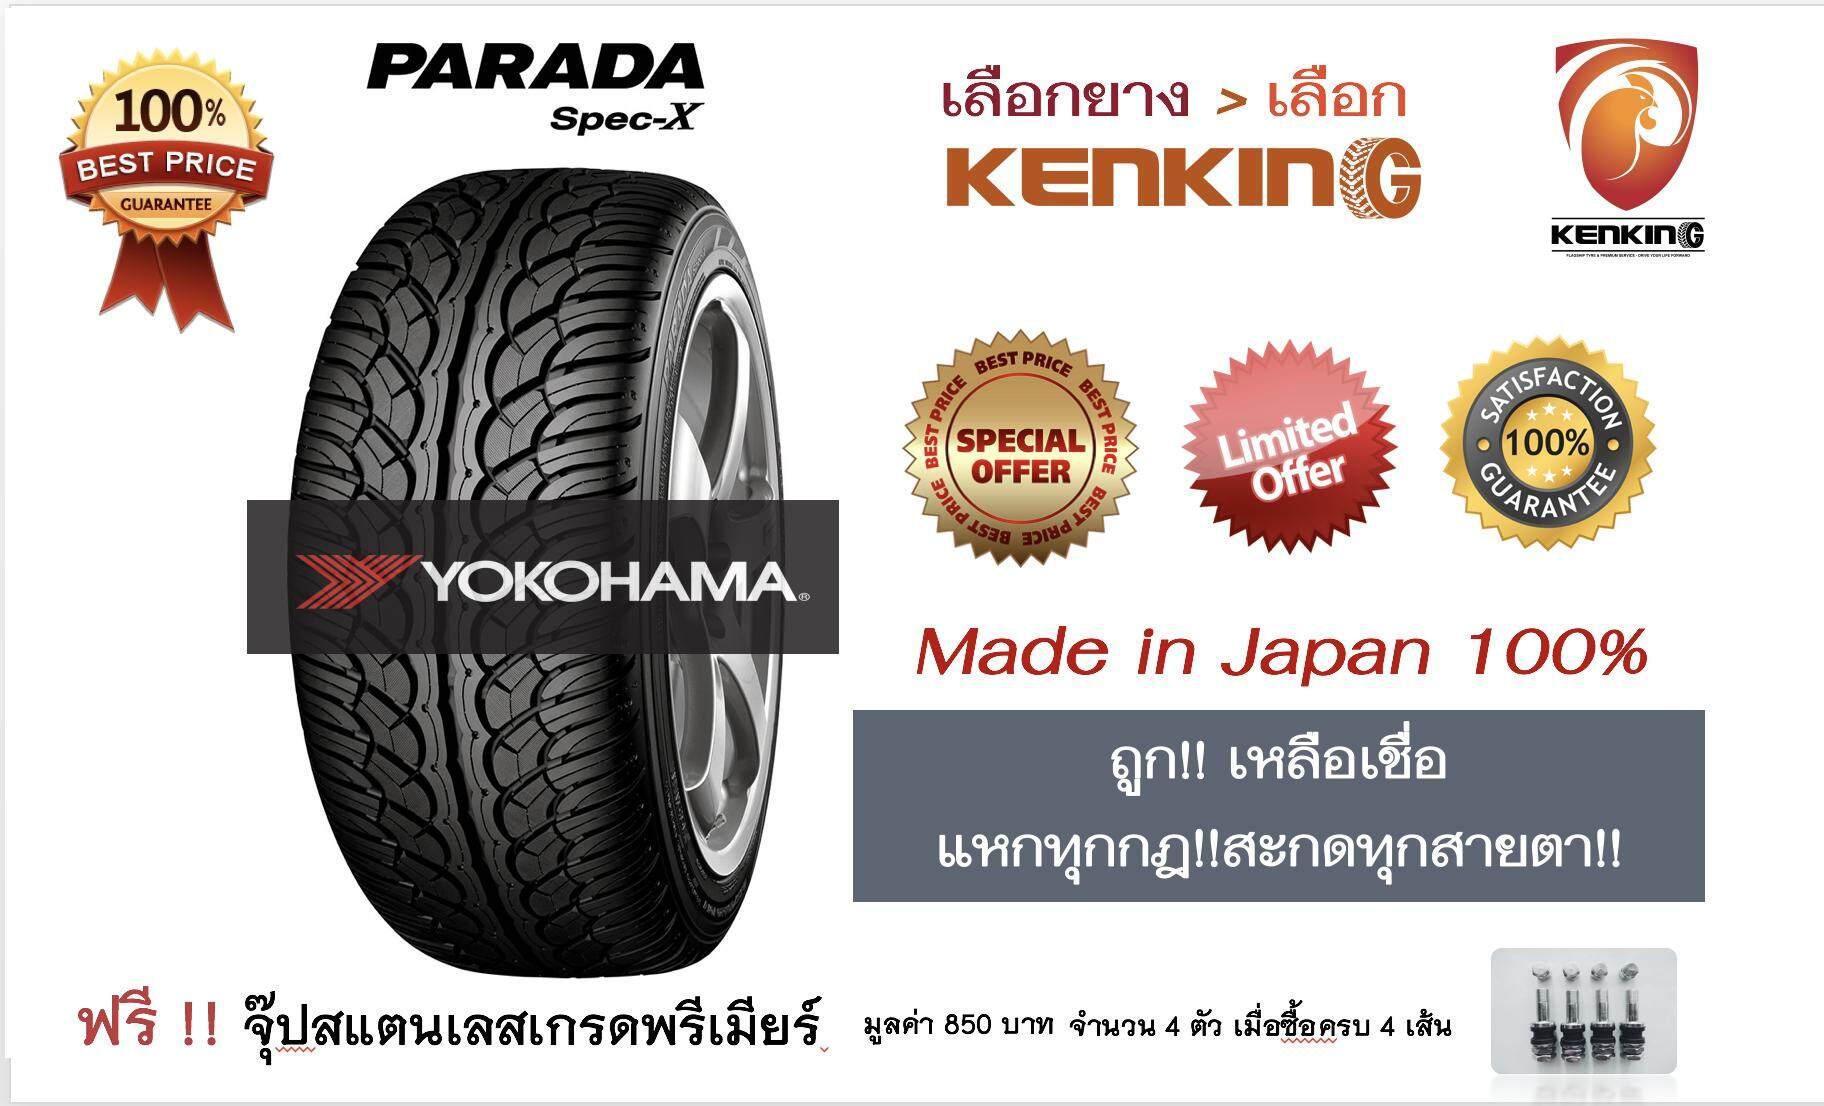 ประกันภัย รถยนต์ 3 พลัส ราคา ถูก นครราชสีมา ยางรถยนต์ขอบ20 Yokohama  245/45 R20 Parada Spec-x NEW!! 2019 ( 1 เส้น ) FREE !! จุ๊ป PREMIUM BY KENKING POWER 650 บาท MADE IN JAPAN แท้ (ลิขสิทธิืแท้รายเดียว)